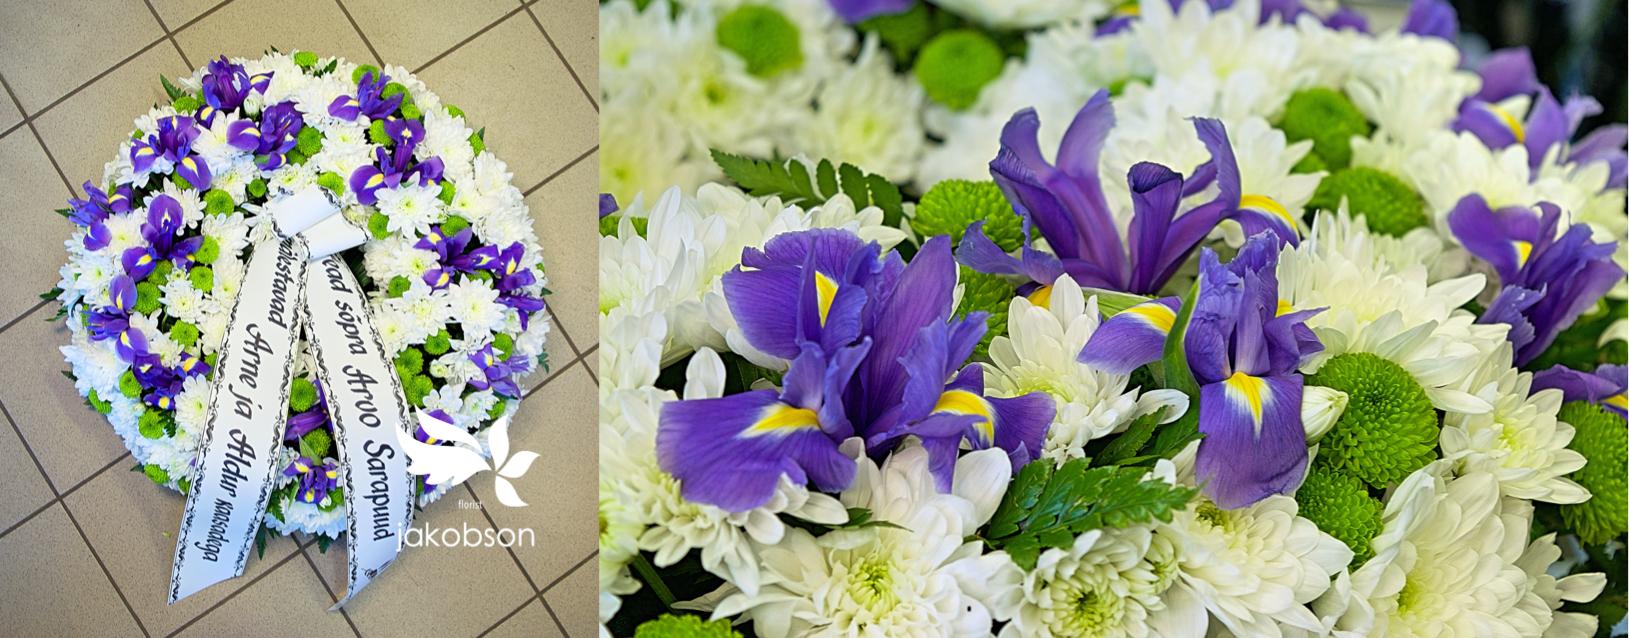 Похоронные венки в Хаапсалу 1 - Полный цветов венок.